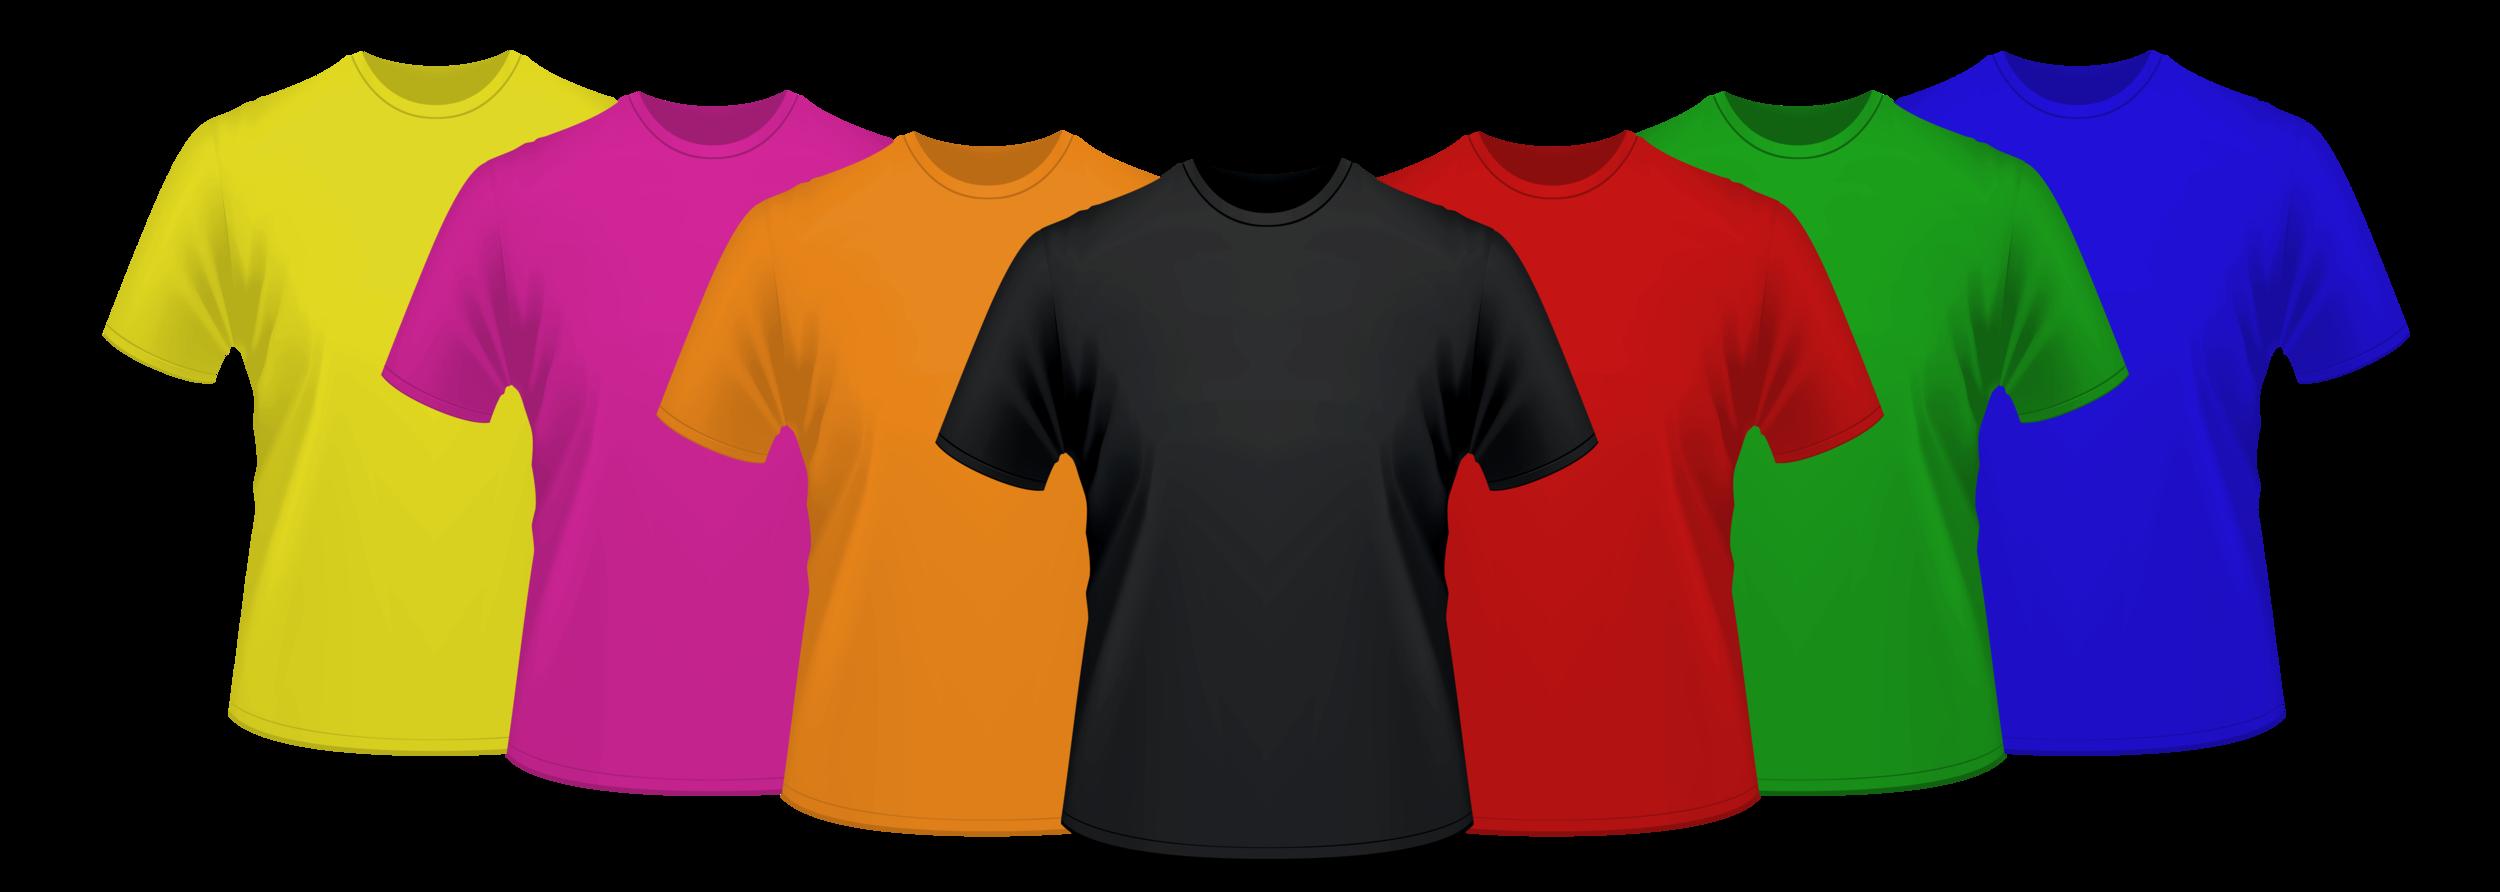 https://media.cdnws.com/_i/39198/48/3177/48/t-shirts.png